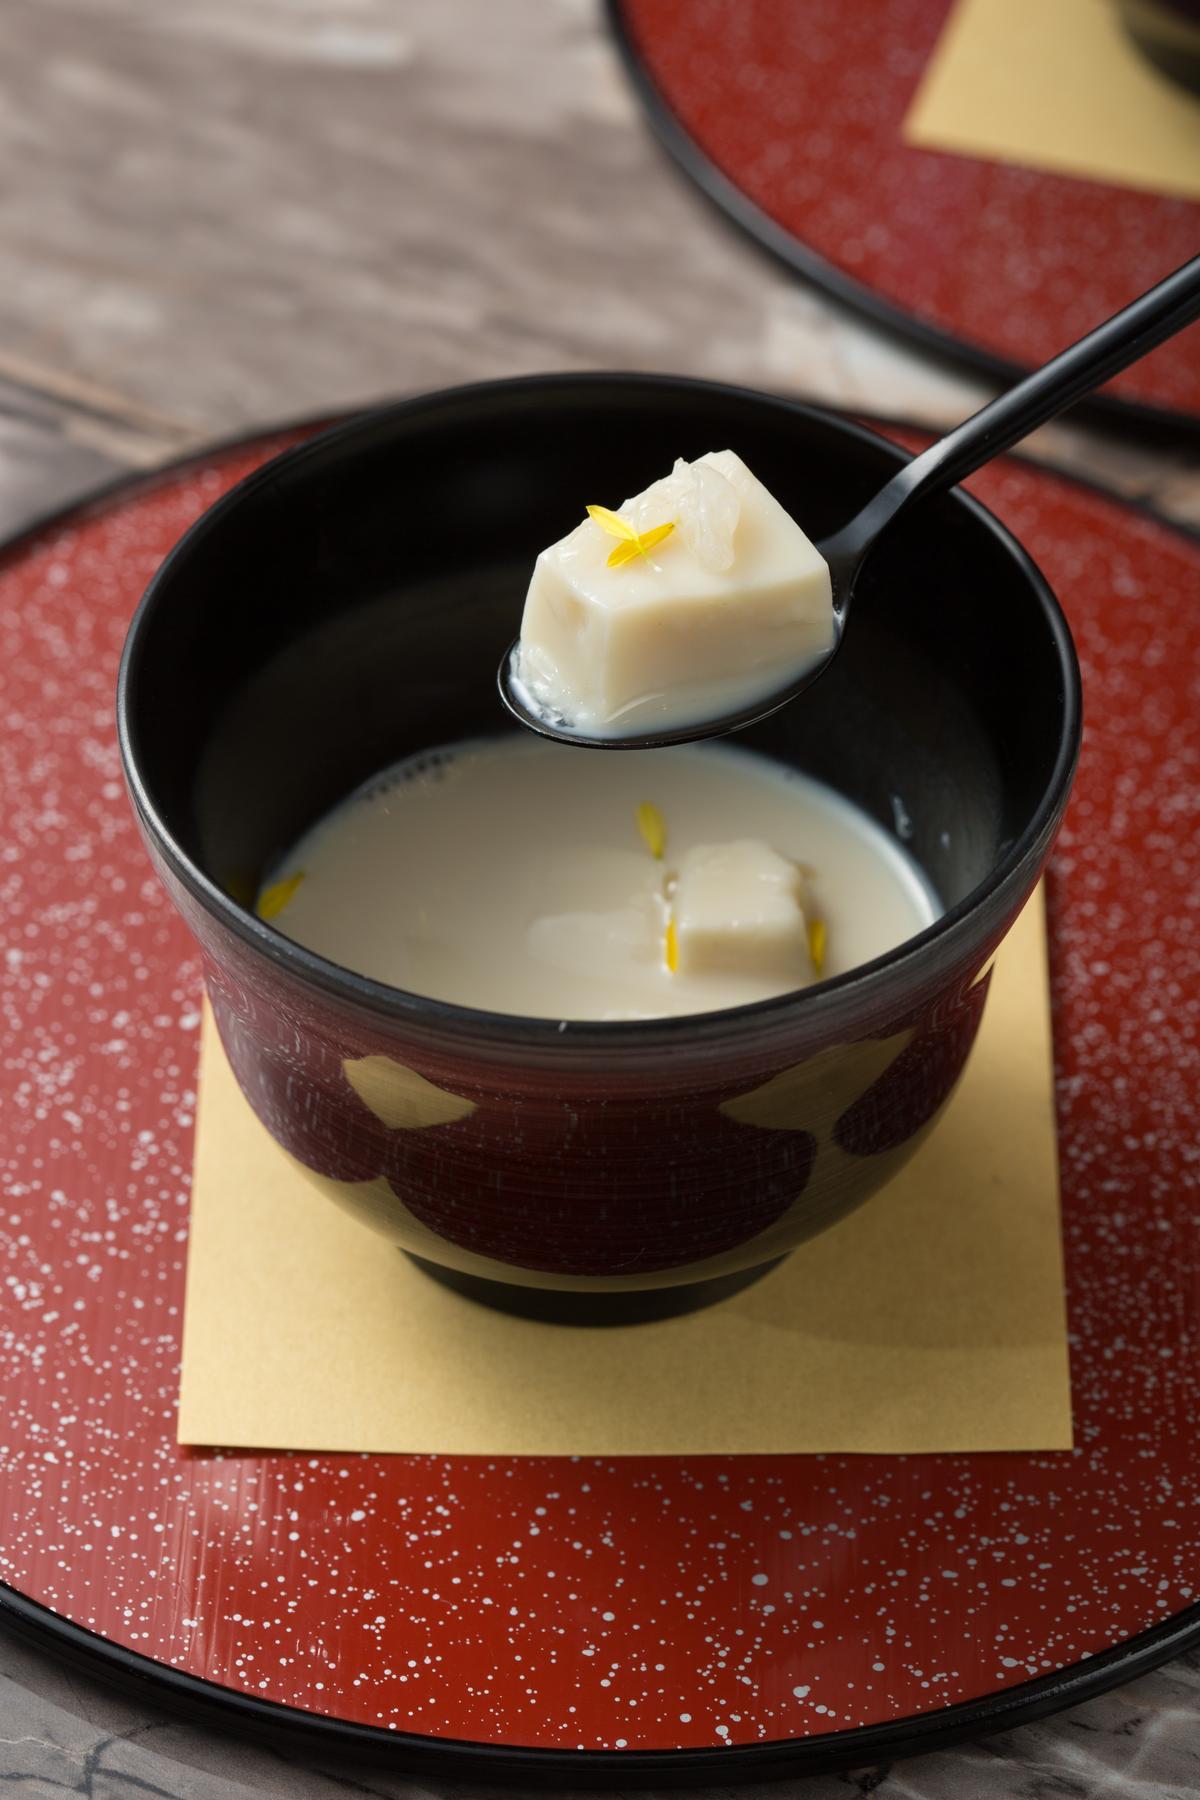 點綴菊花瓣的美型甜點「豆漿豆腐佐官燕」,用有機豆漿與葛粉製成豆腐,軟Q有彈性。(5,800元兩人份套餐甜點)